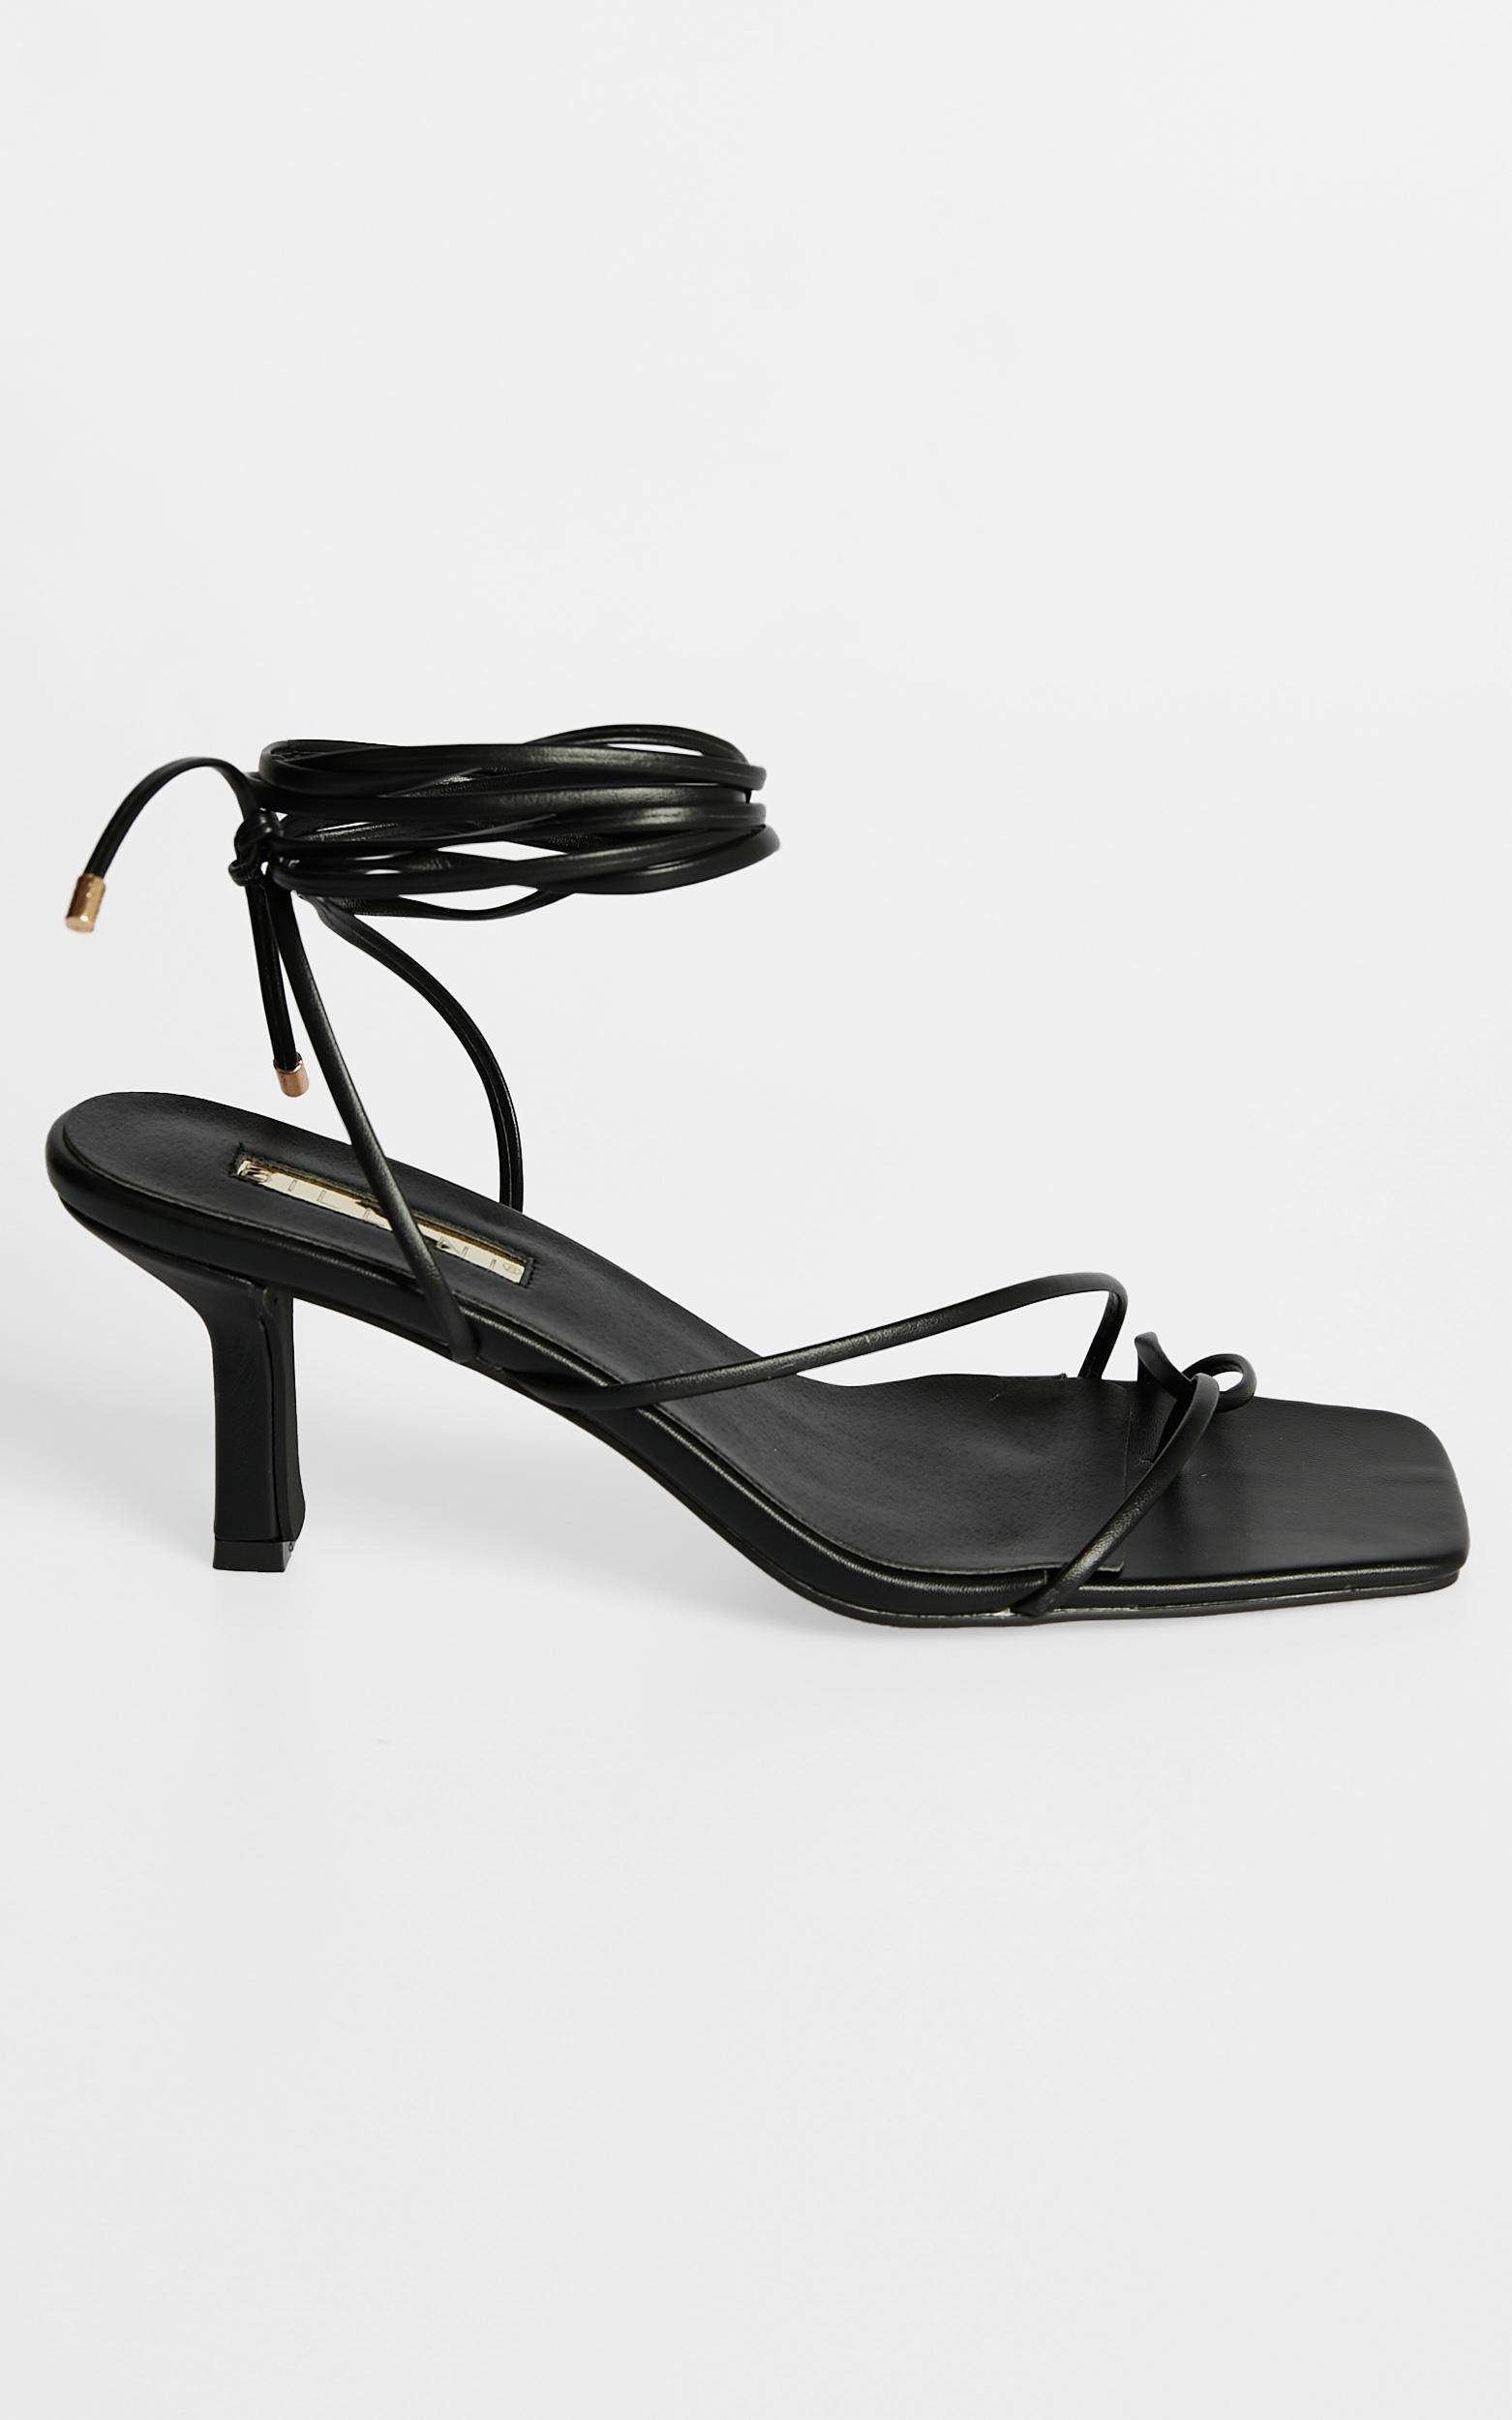 Billini - Elodie Heels in Black - 5, Black, hi-res image number null